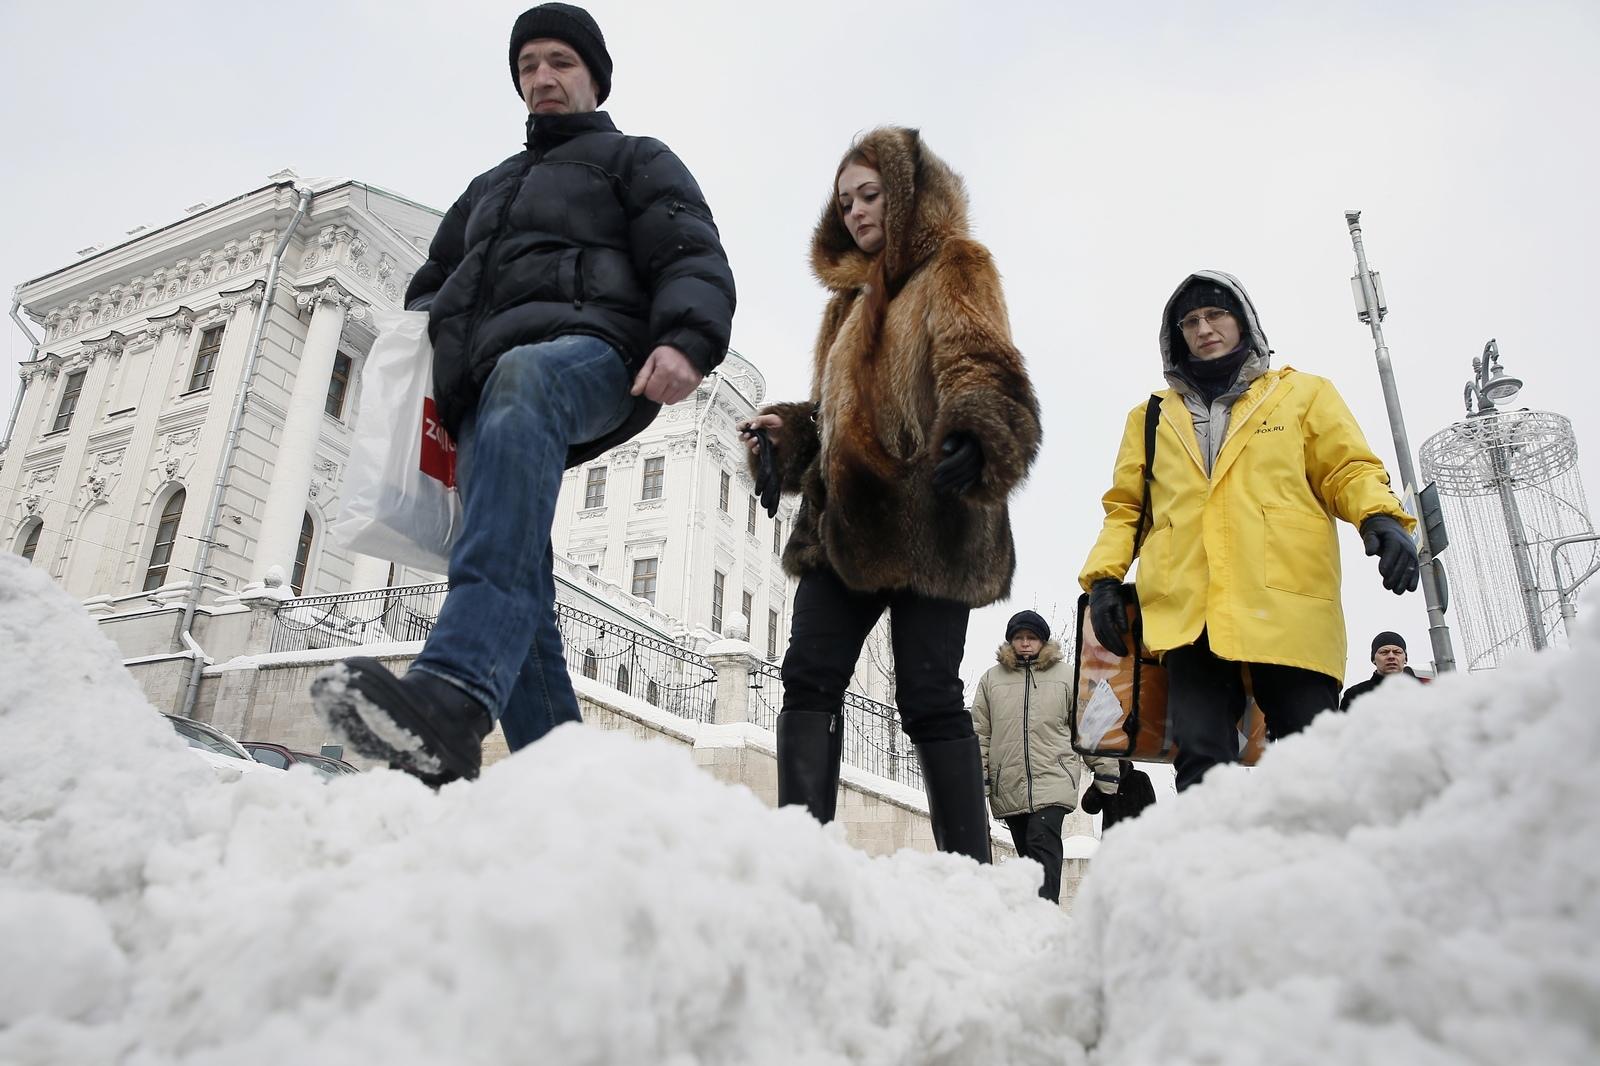 Петербуржец отсудил у дорожного предприятия 500 тыс. рублей за падение на тротуаре